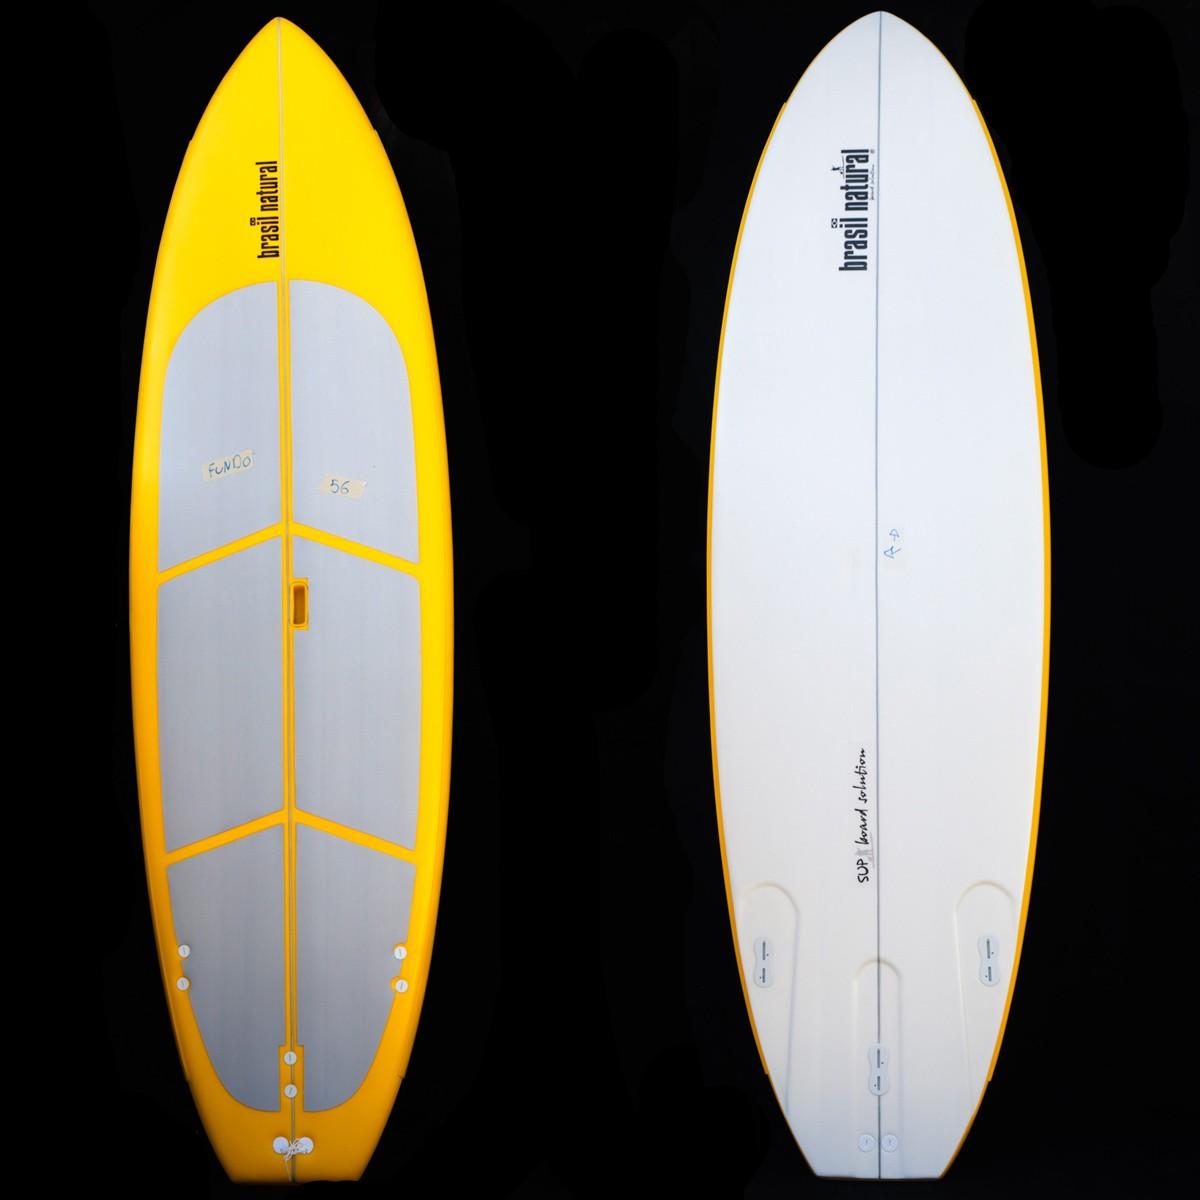 Prancha de stand up paddle 10 pés soft + kit remada - Outlet 56